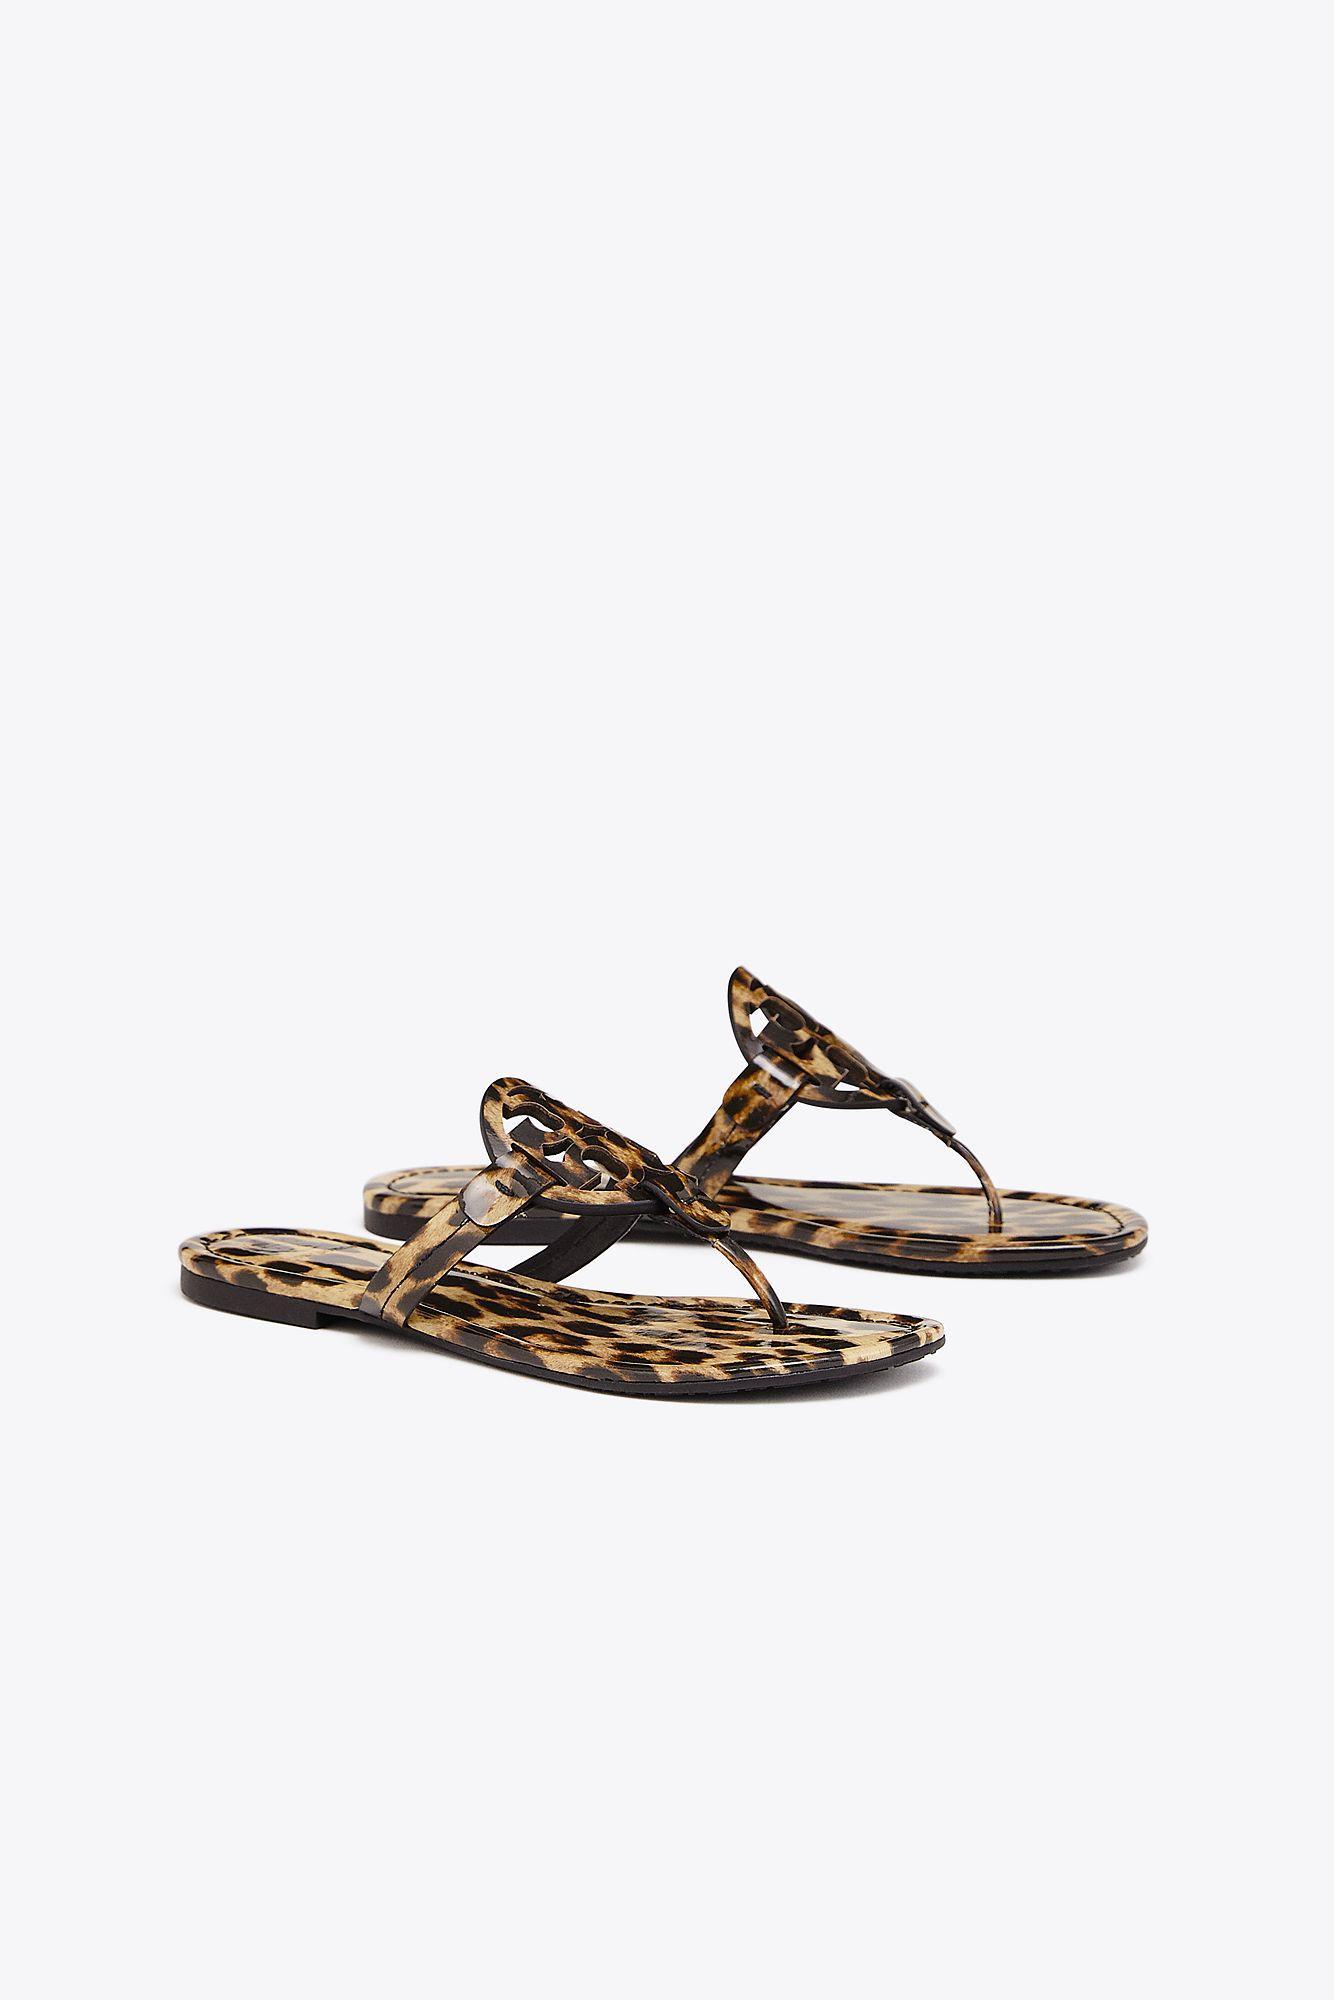 a7e7ad258 Tory Burch. Women s Miller Sandals